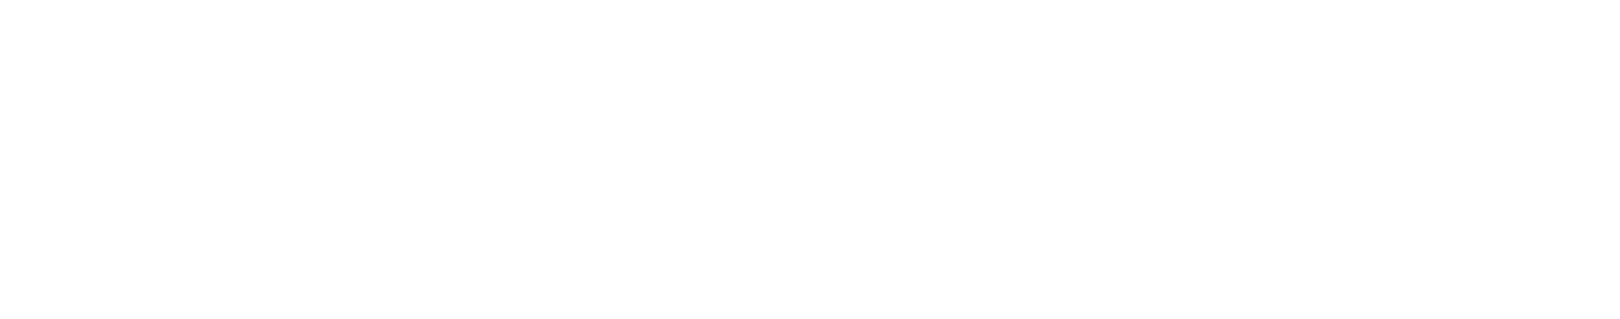 aa_logo_header